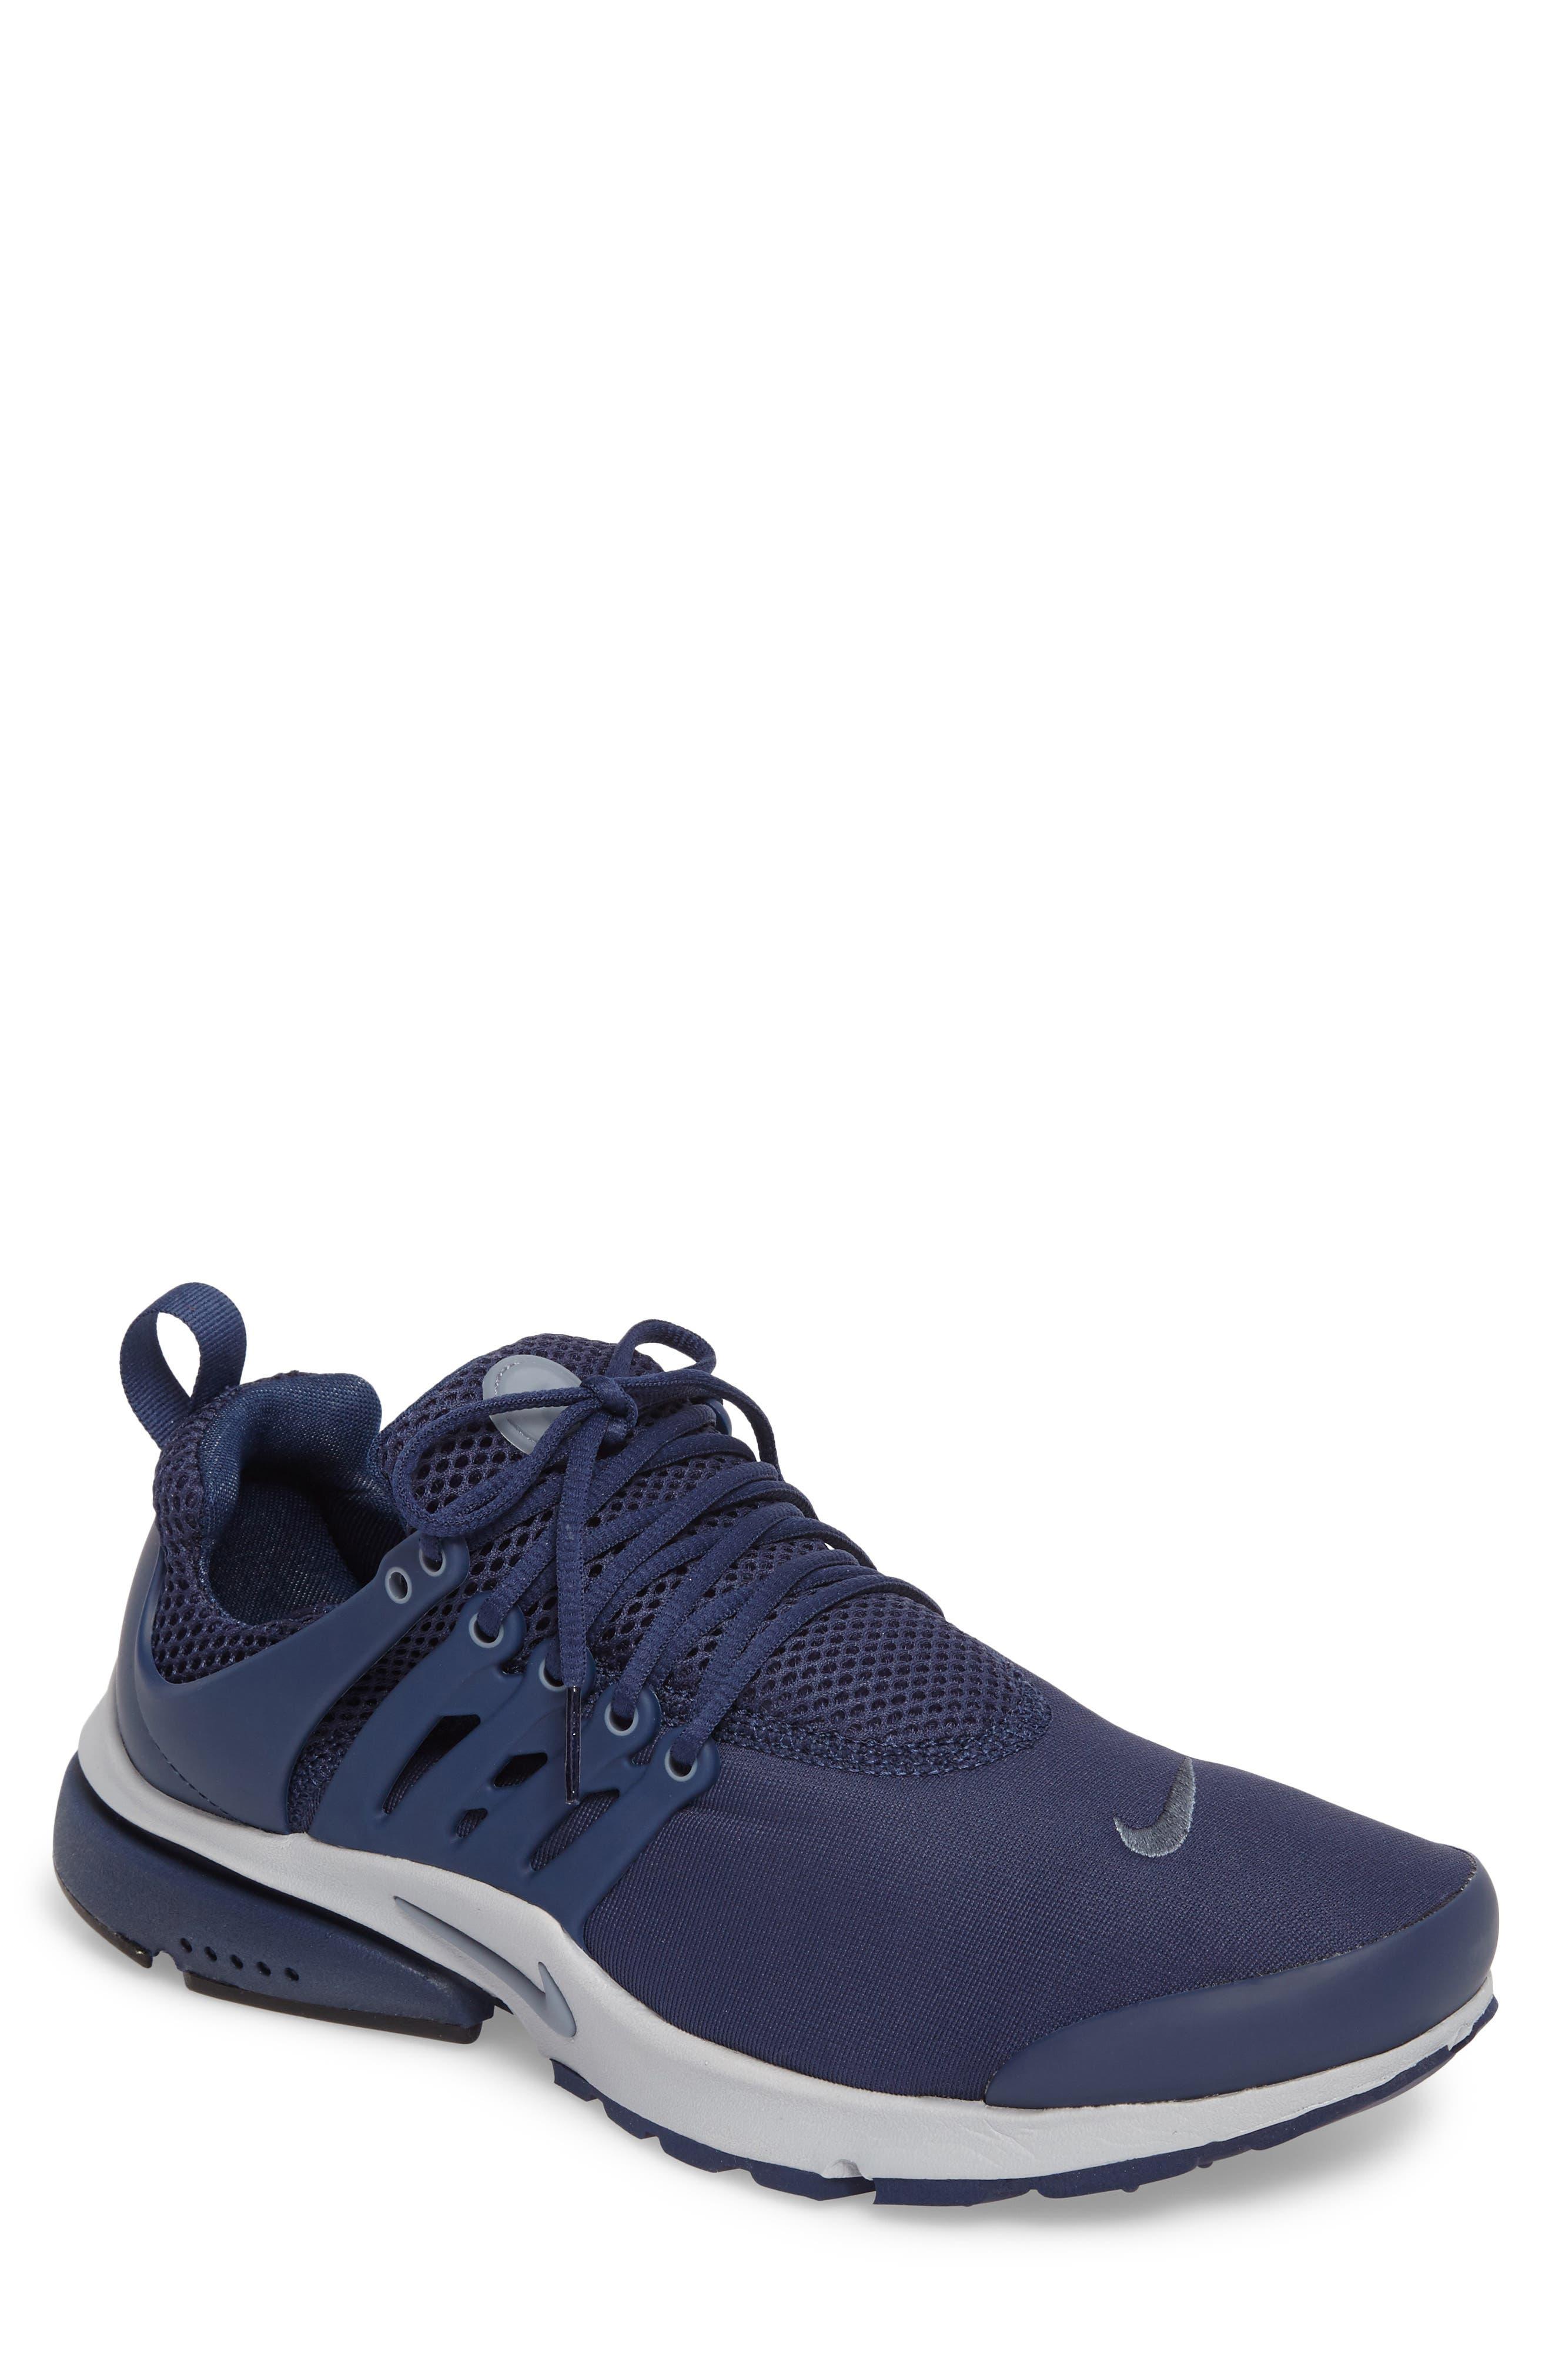 Main Image - Nike Air Presto Essential Sneaker (Men)